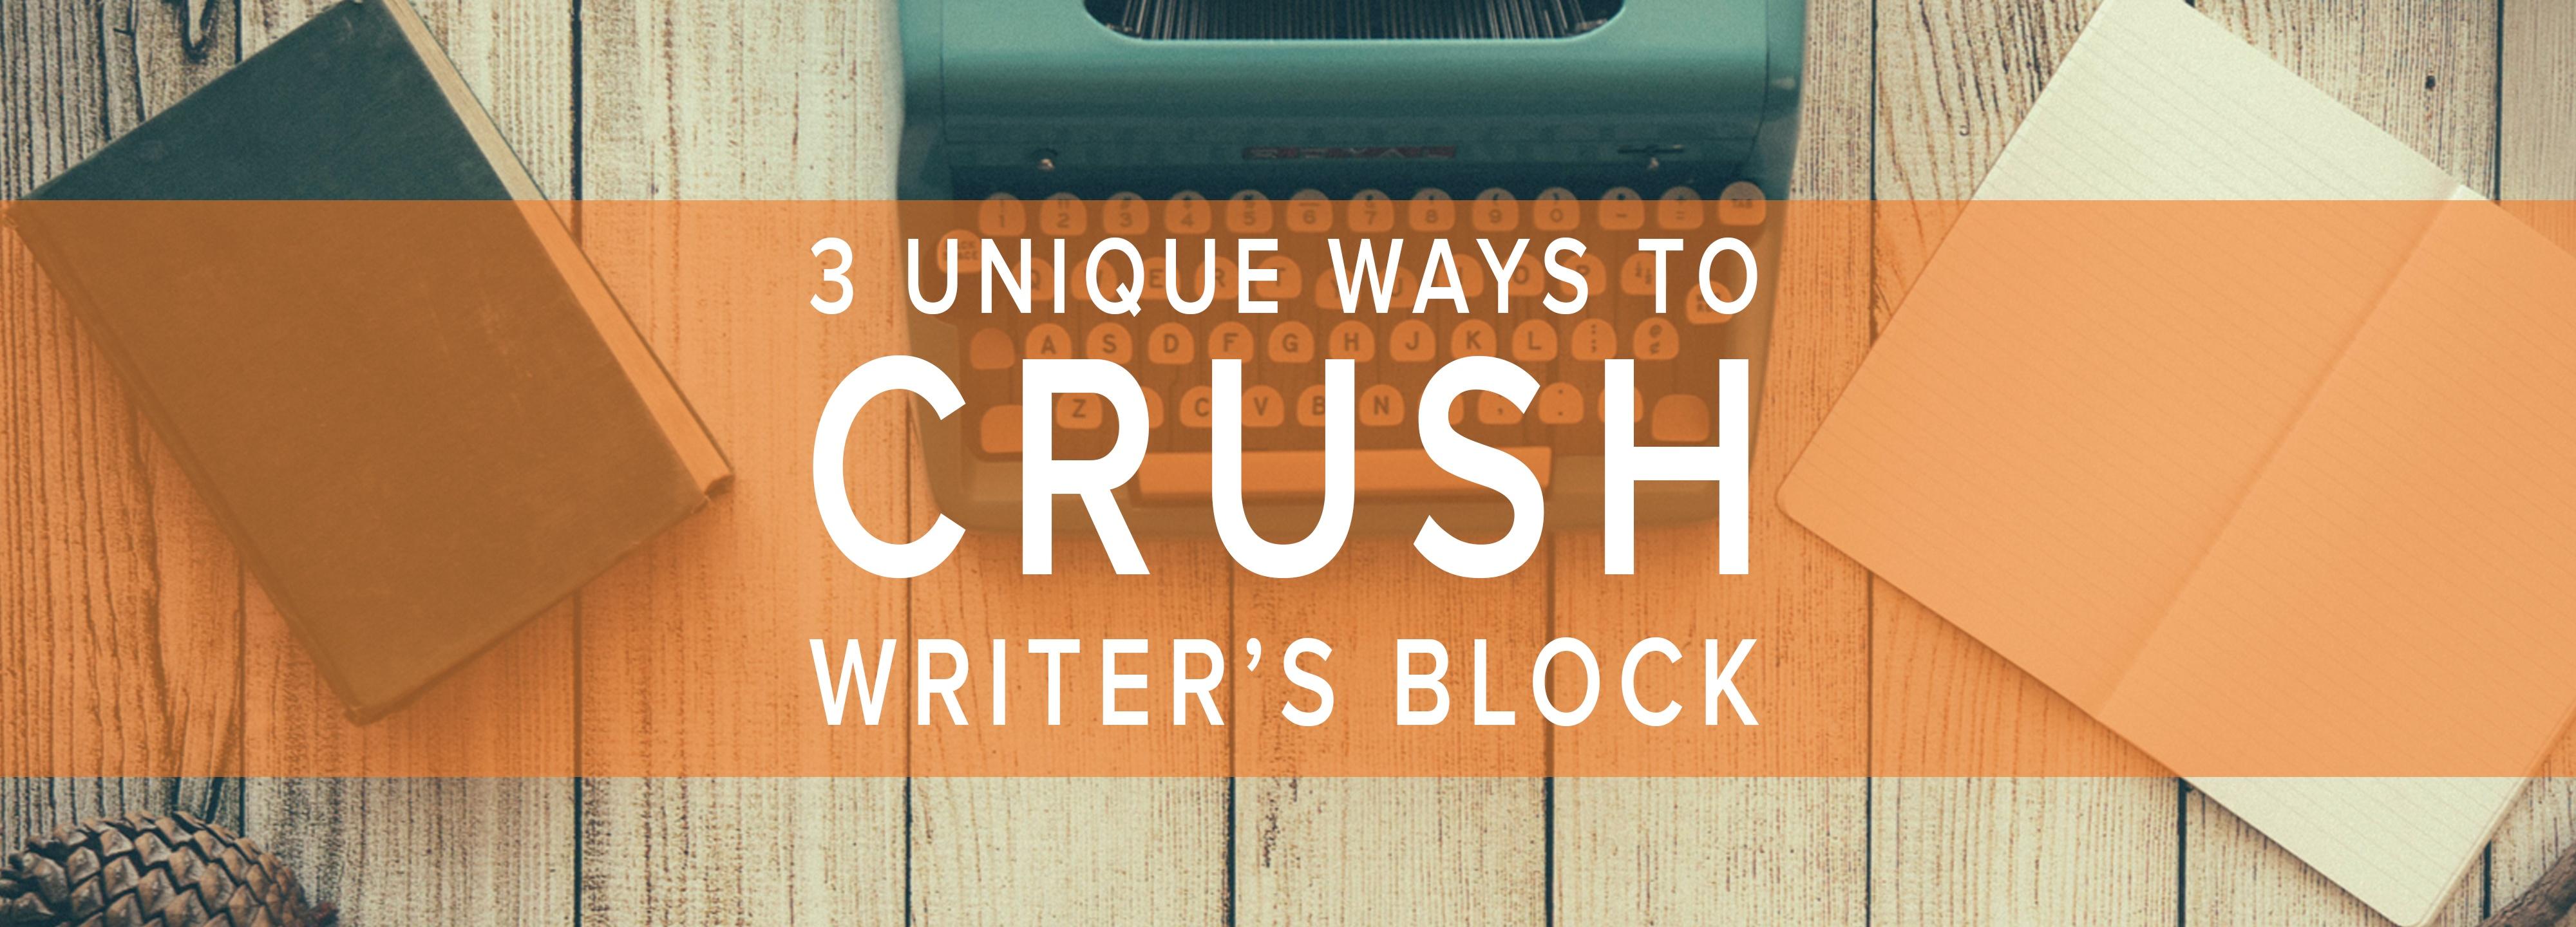 Crush_Banner.jpg